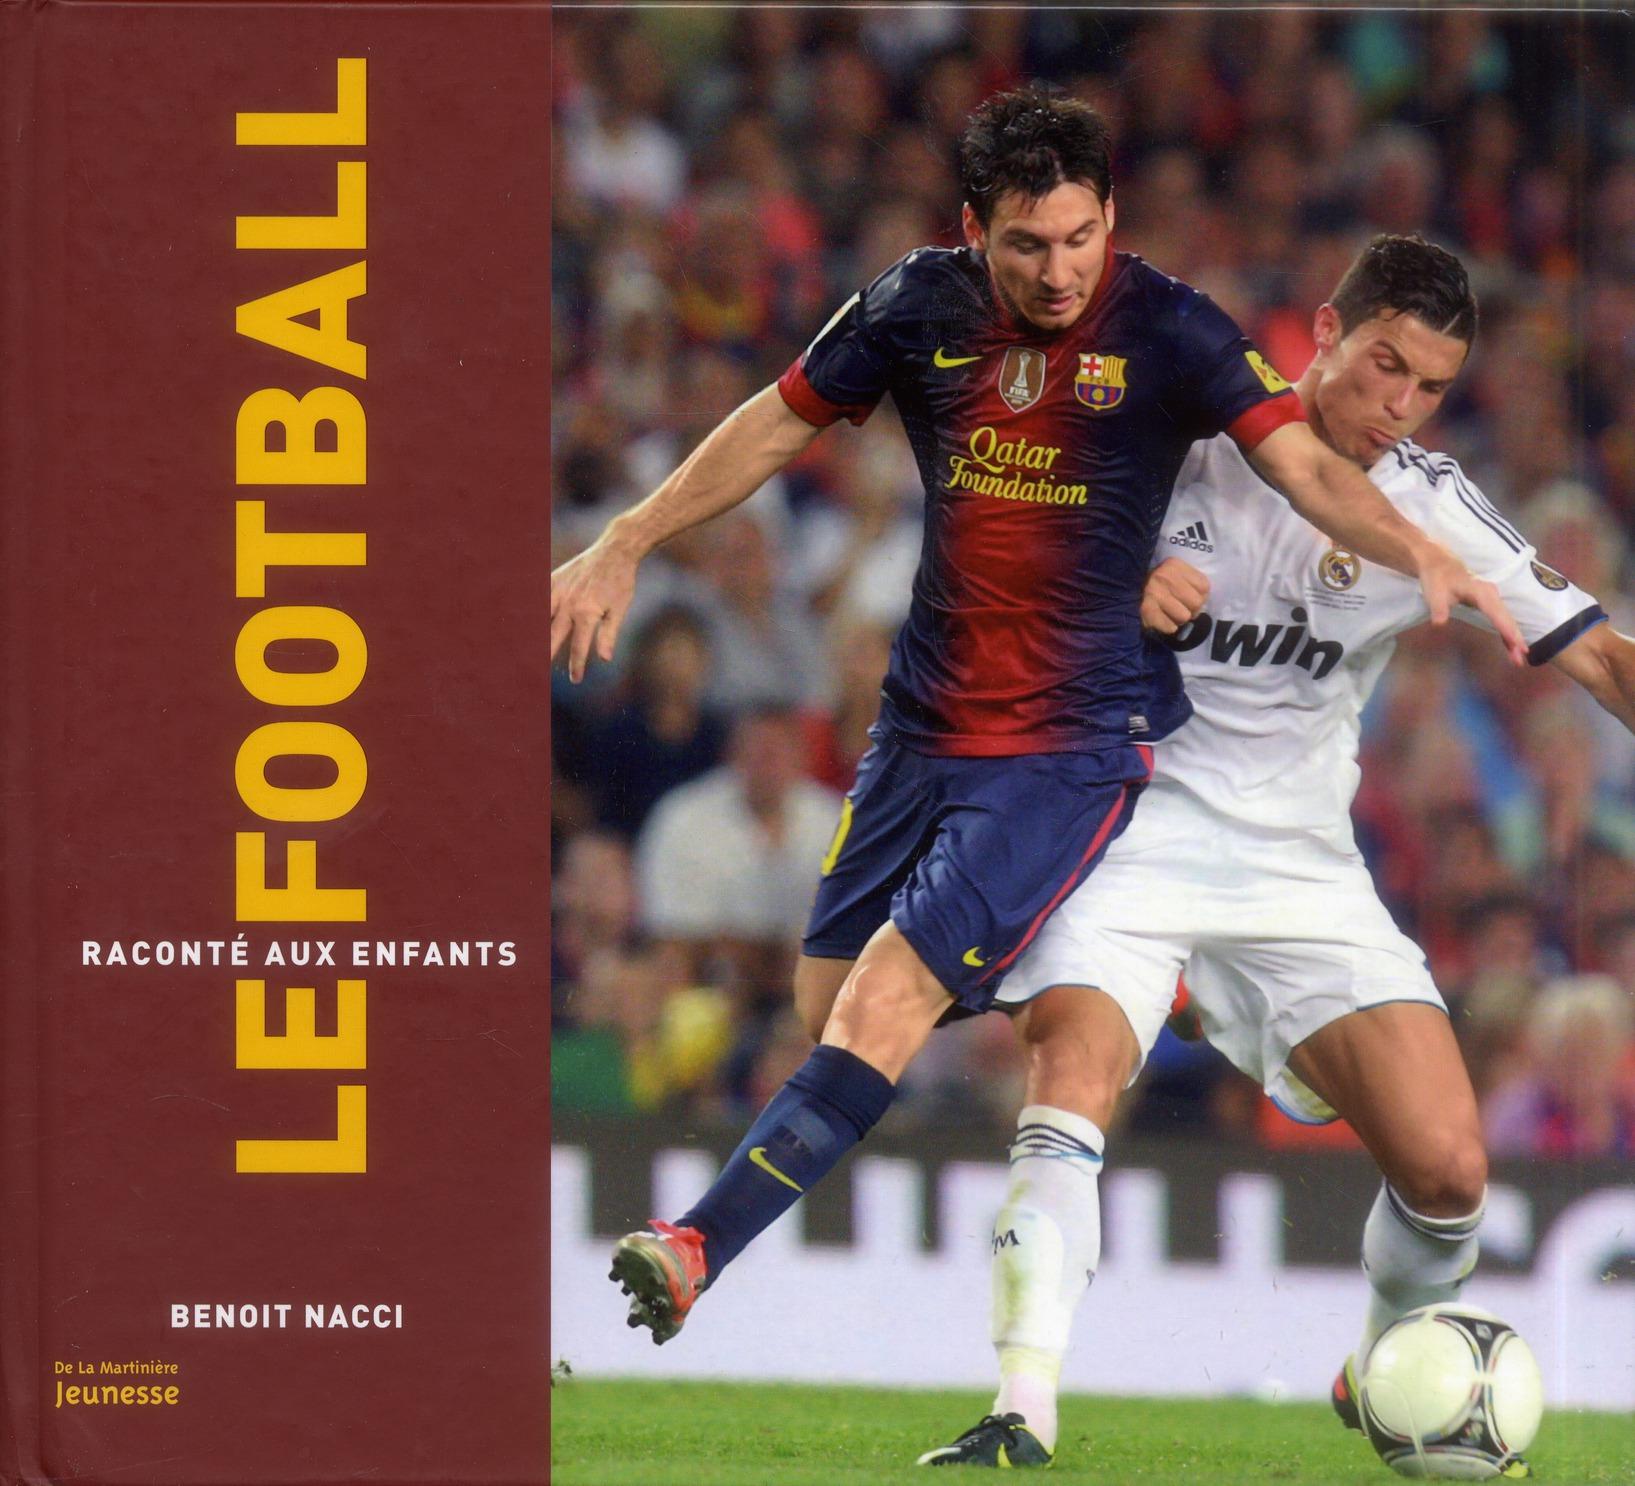 Le Football Raconte Aux Enfants